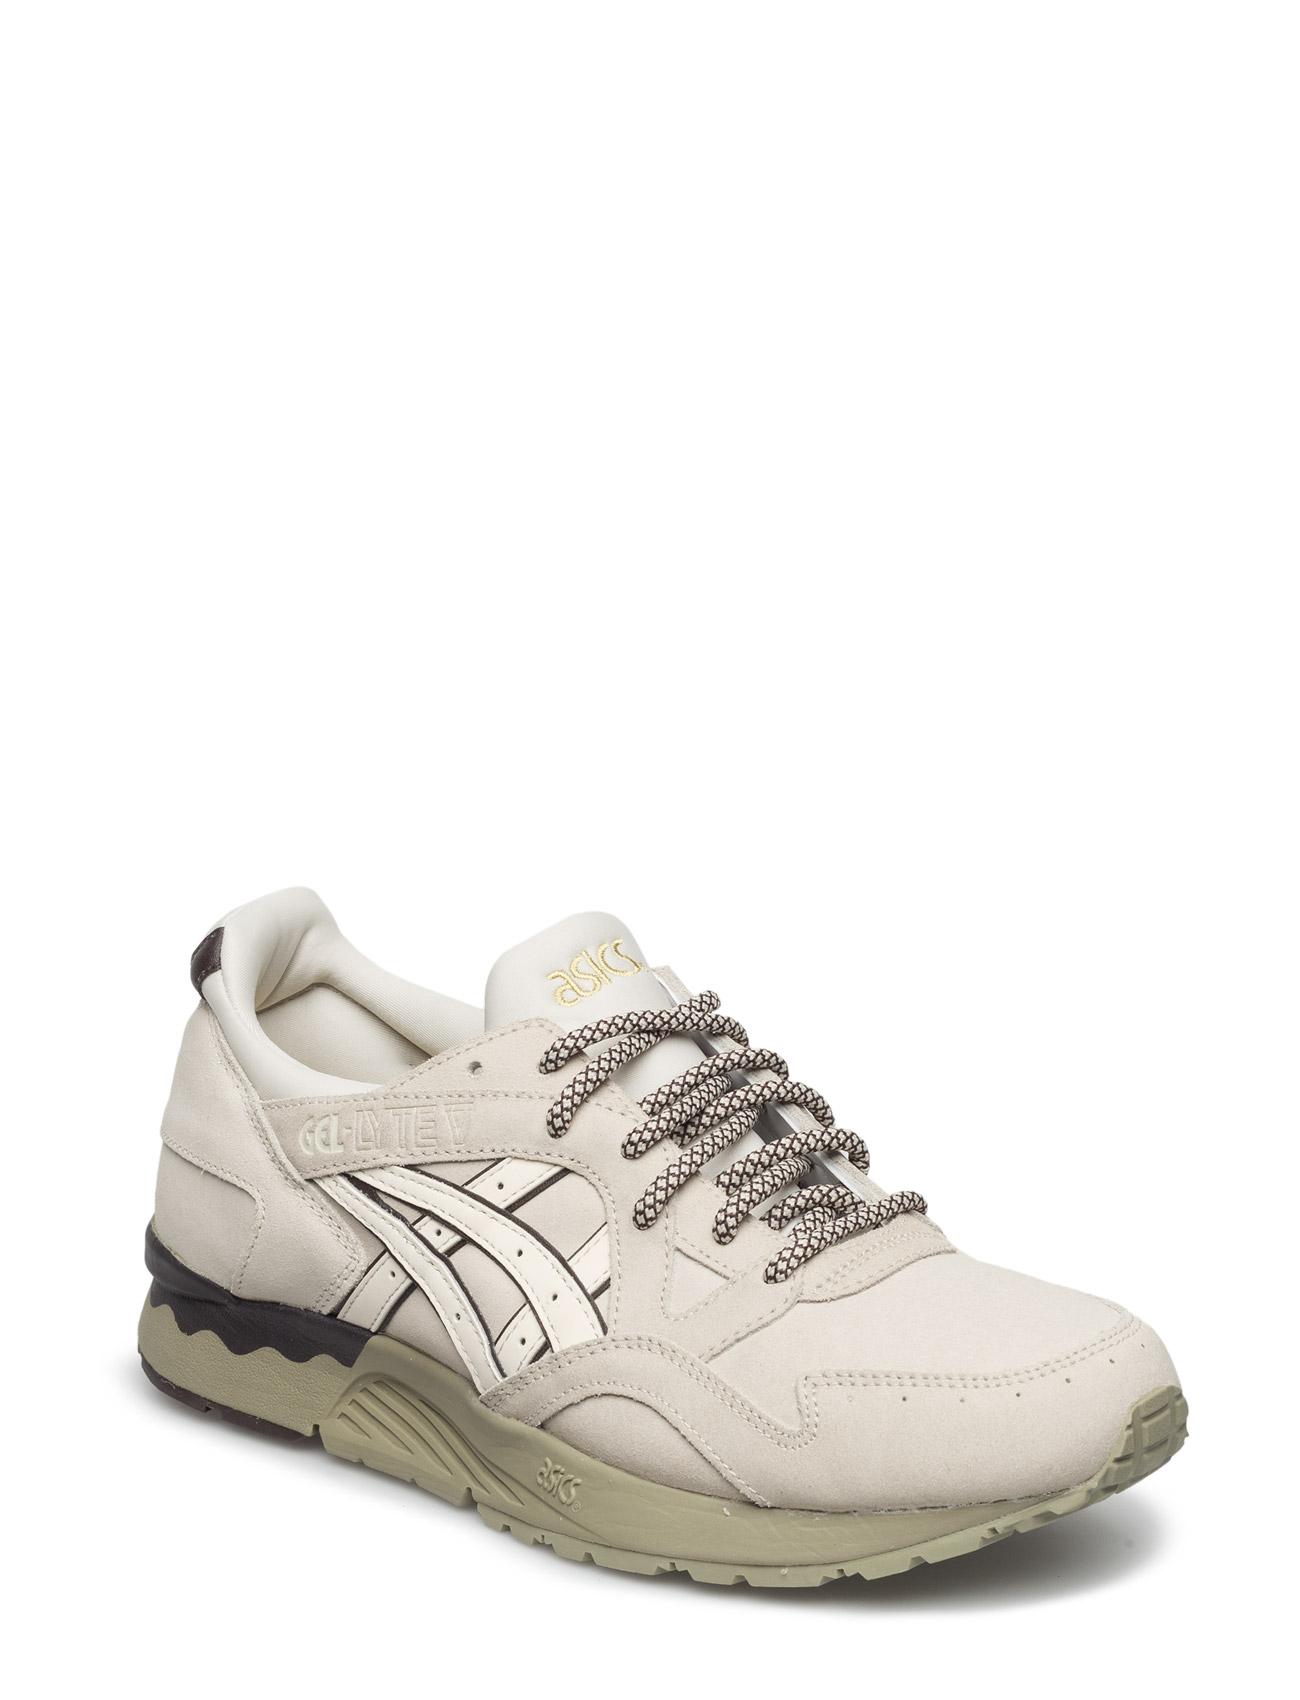 H6r0l-Gel-Lyte V Asics Sneakers til Herrer i